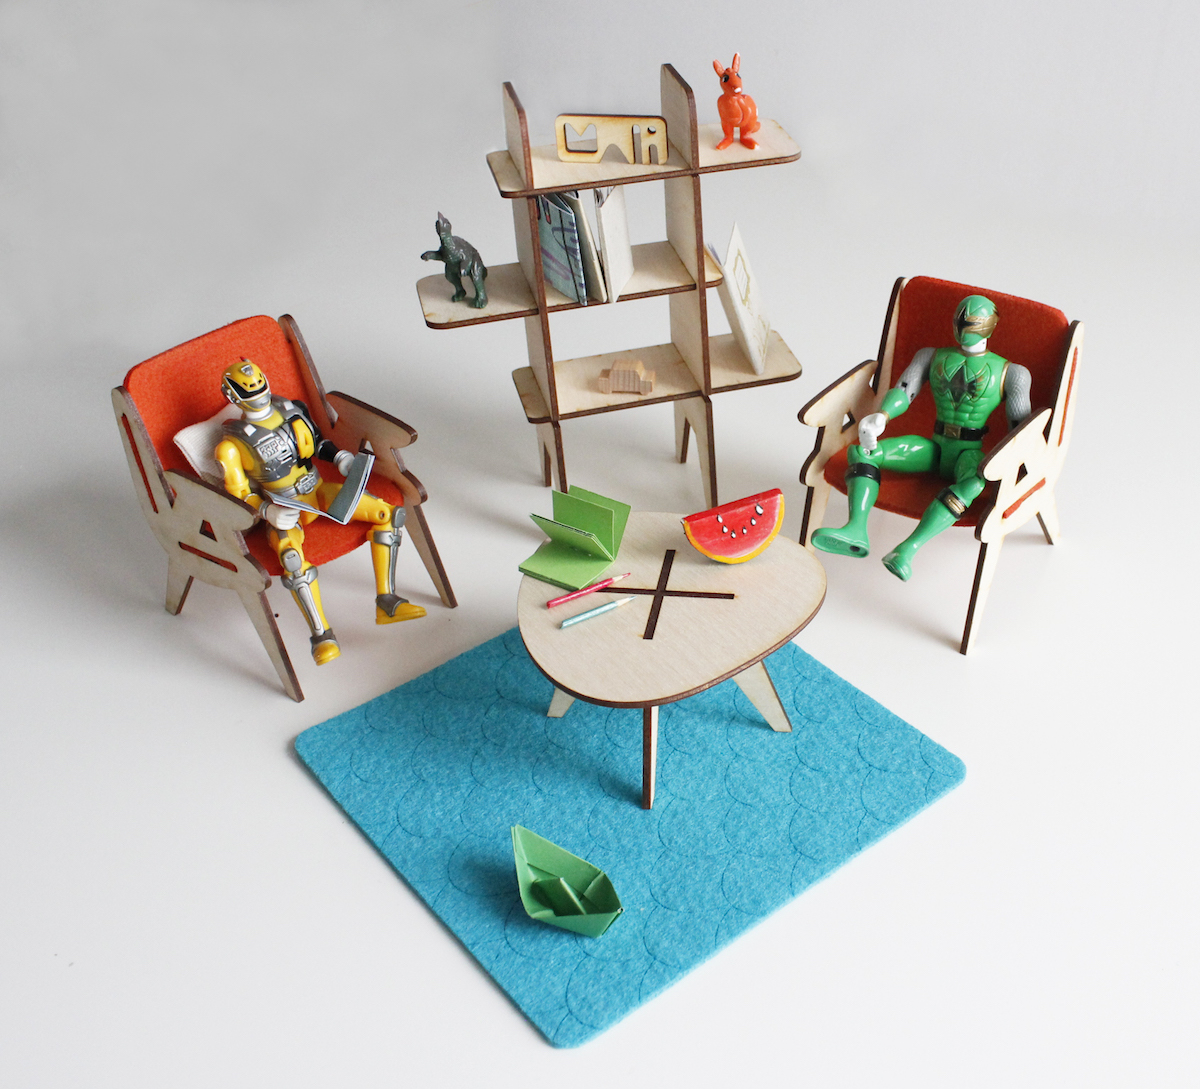 Mikro Design, warsztaty kreatywne w Hali Łukowej w Gdyni (źródło: materiały prasowe organizatora)